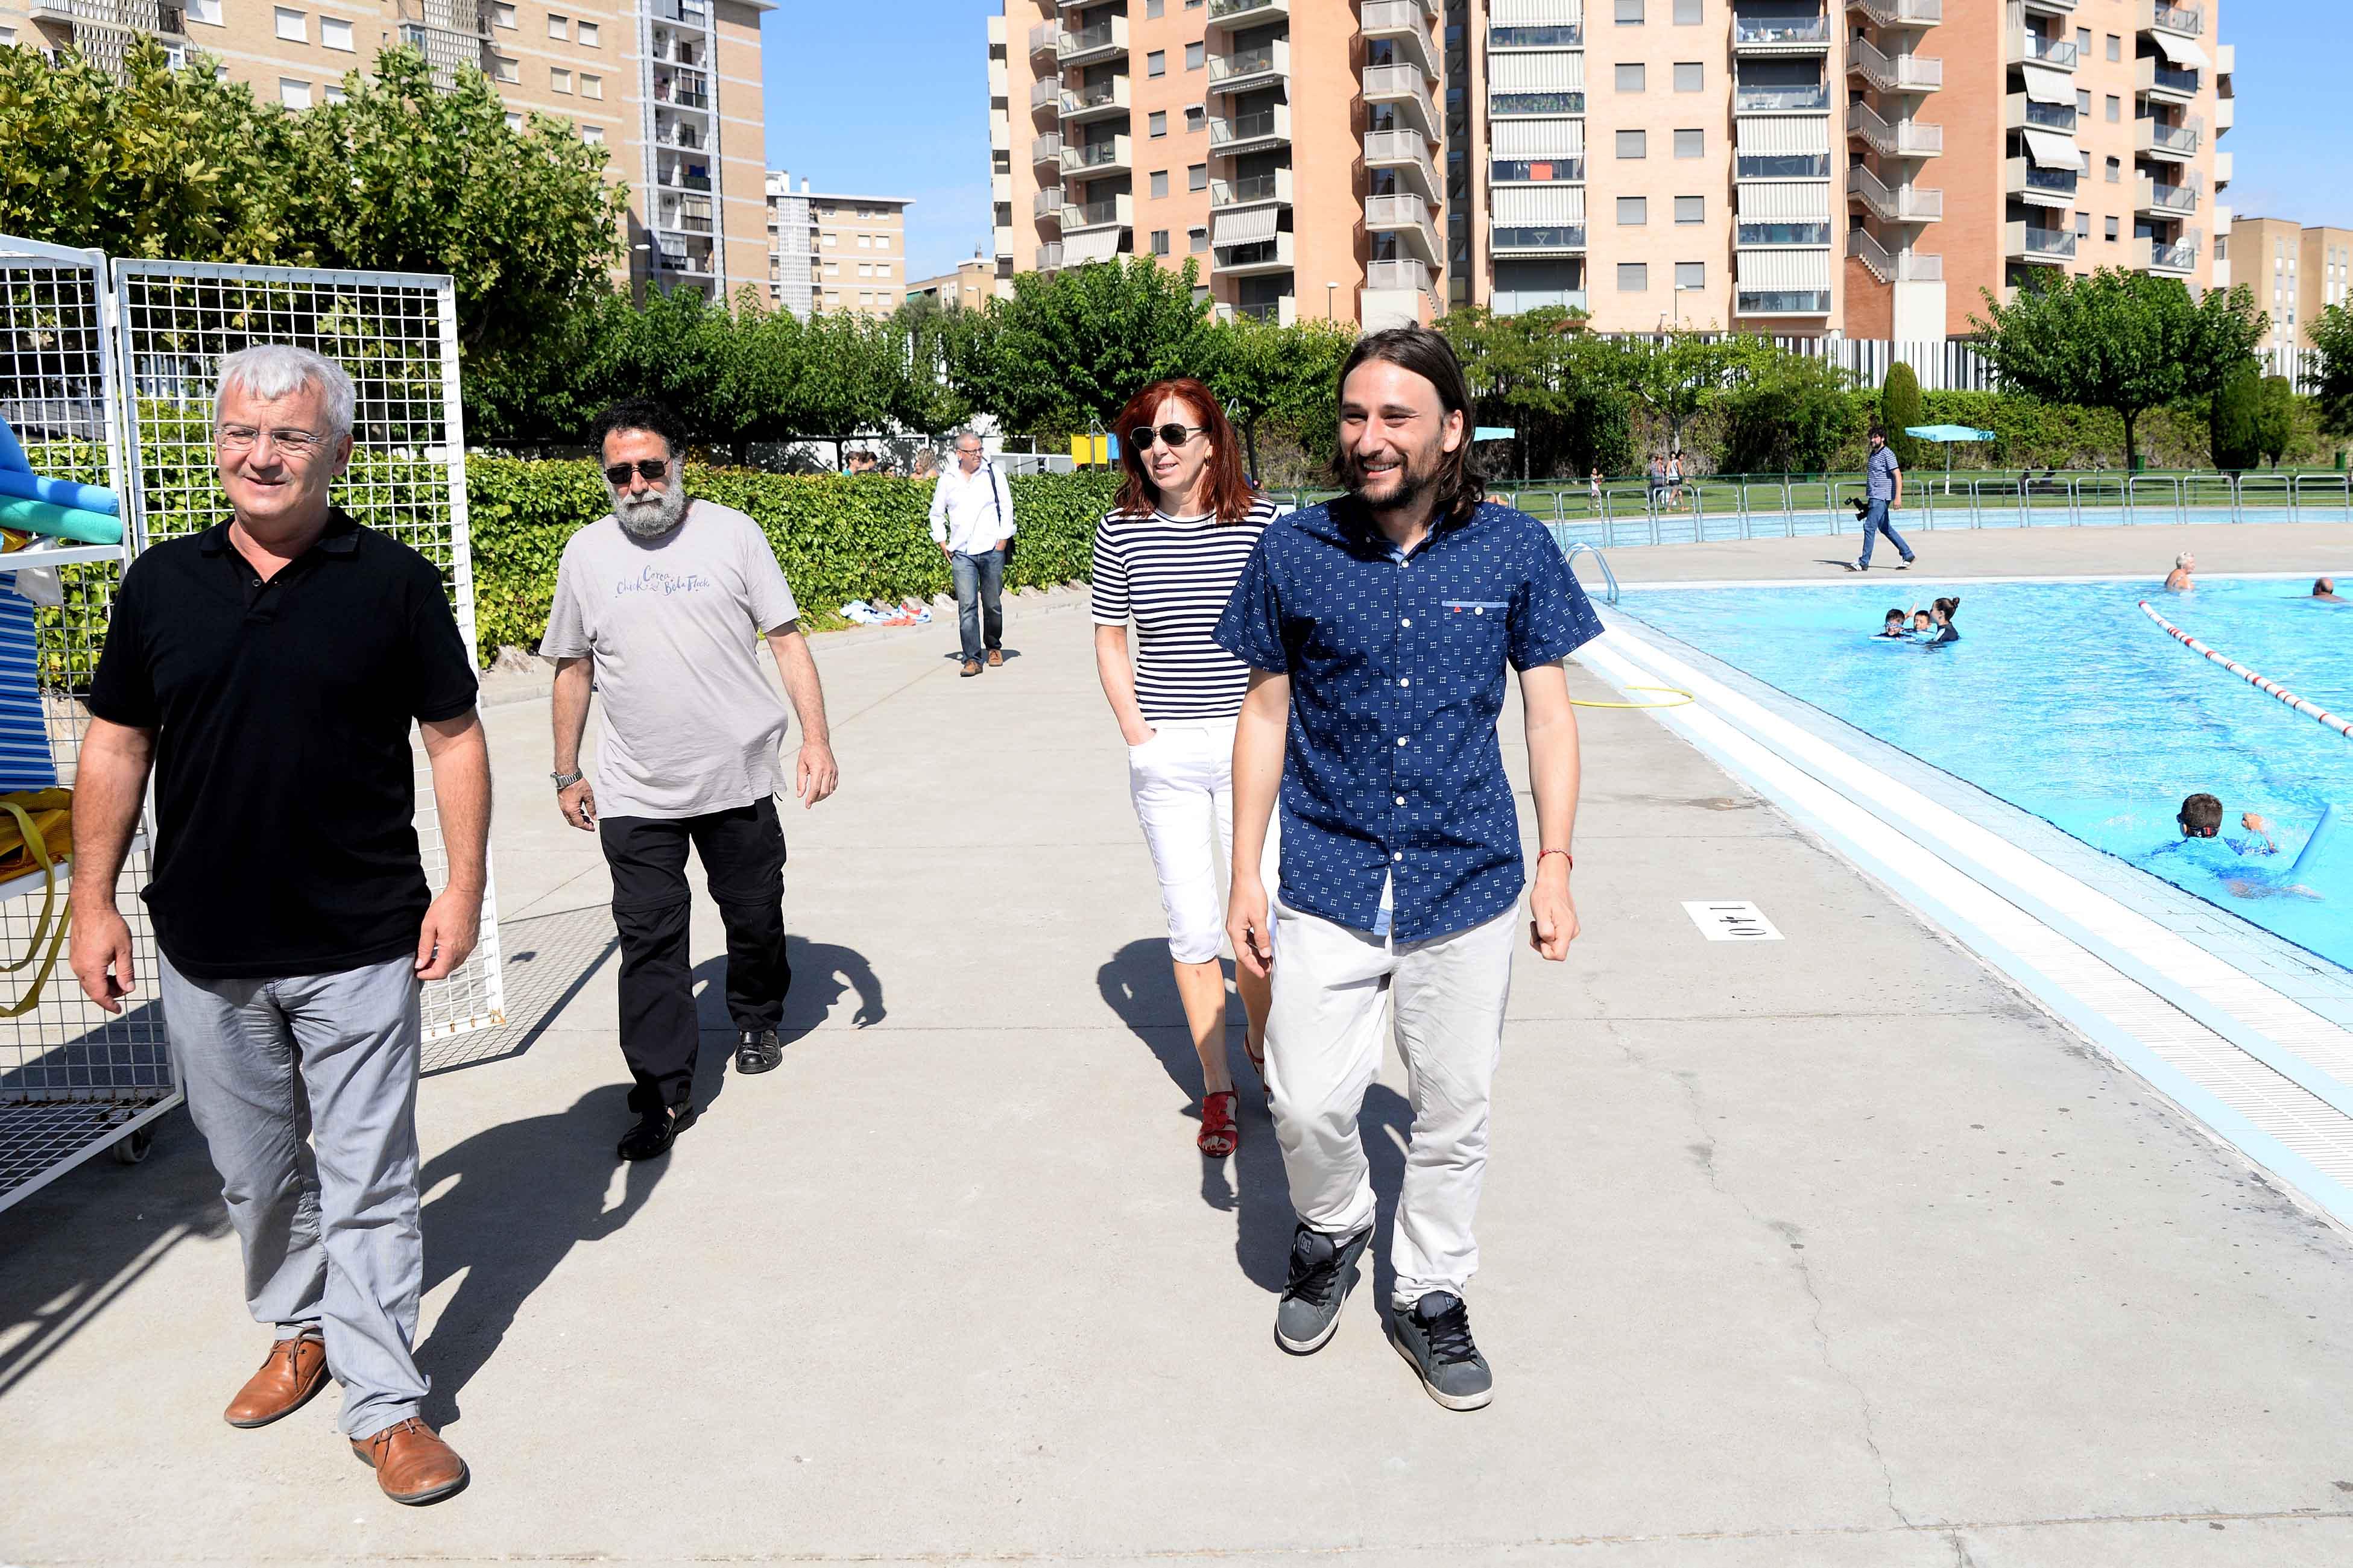 Ayuntamiento de zaragoza noticias los usos de las for Piscinas publicas zaragoza